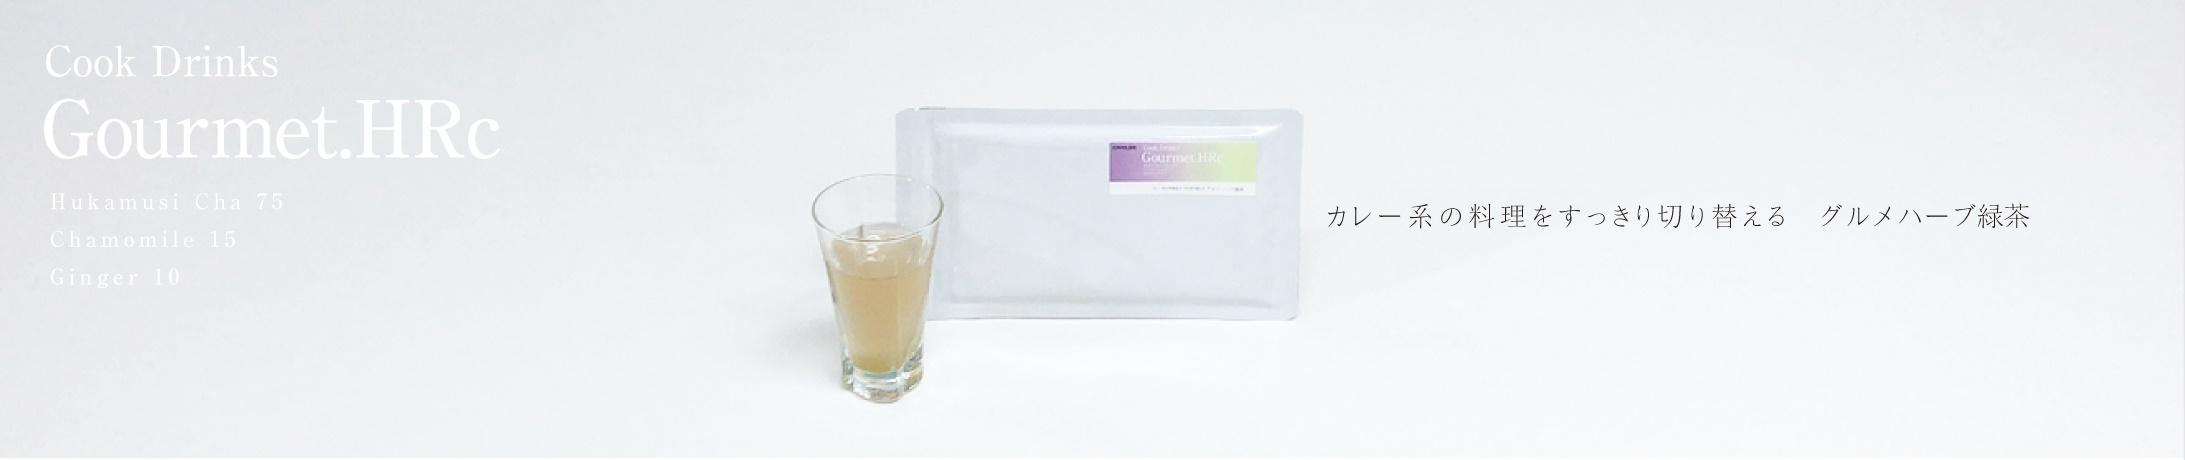 グルメハーブ緑茶1